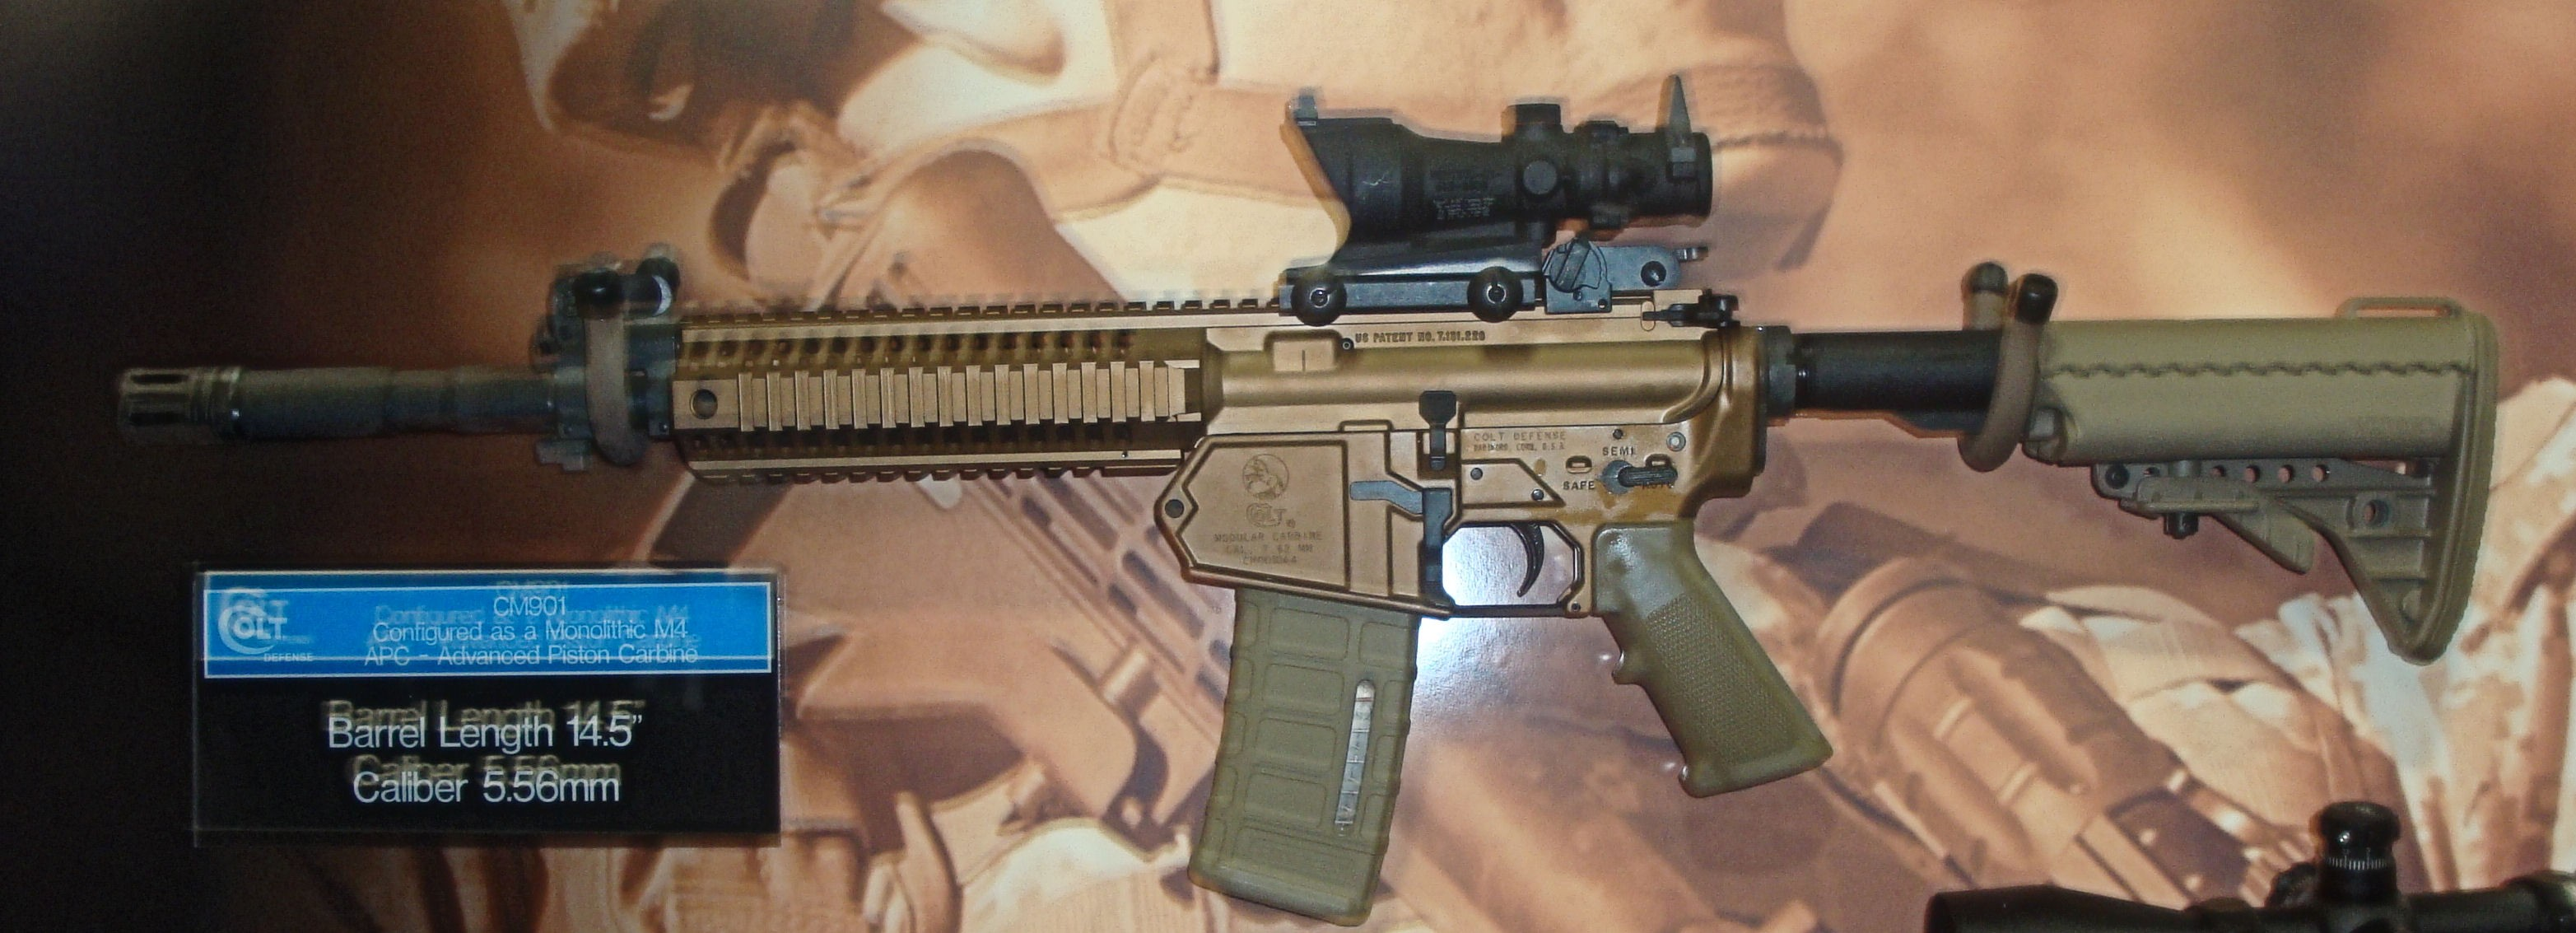 Colt CM901